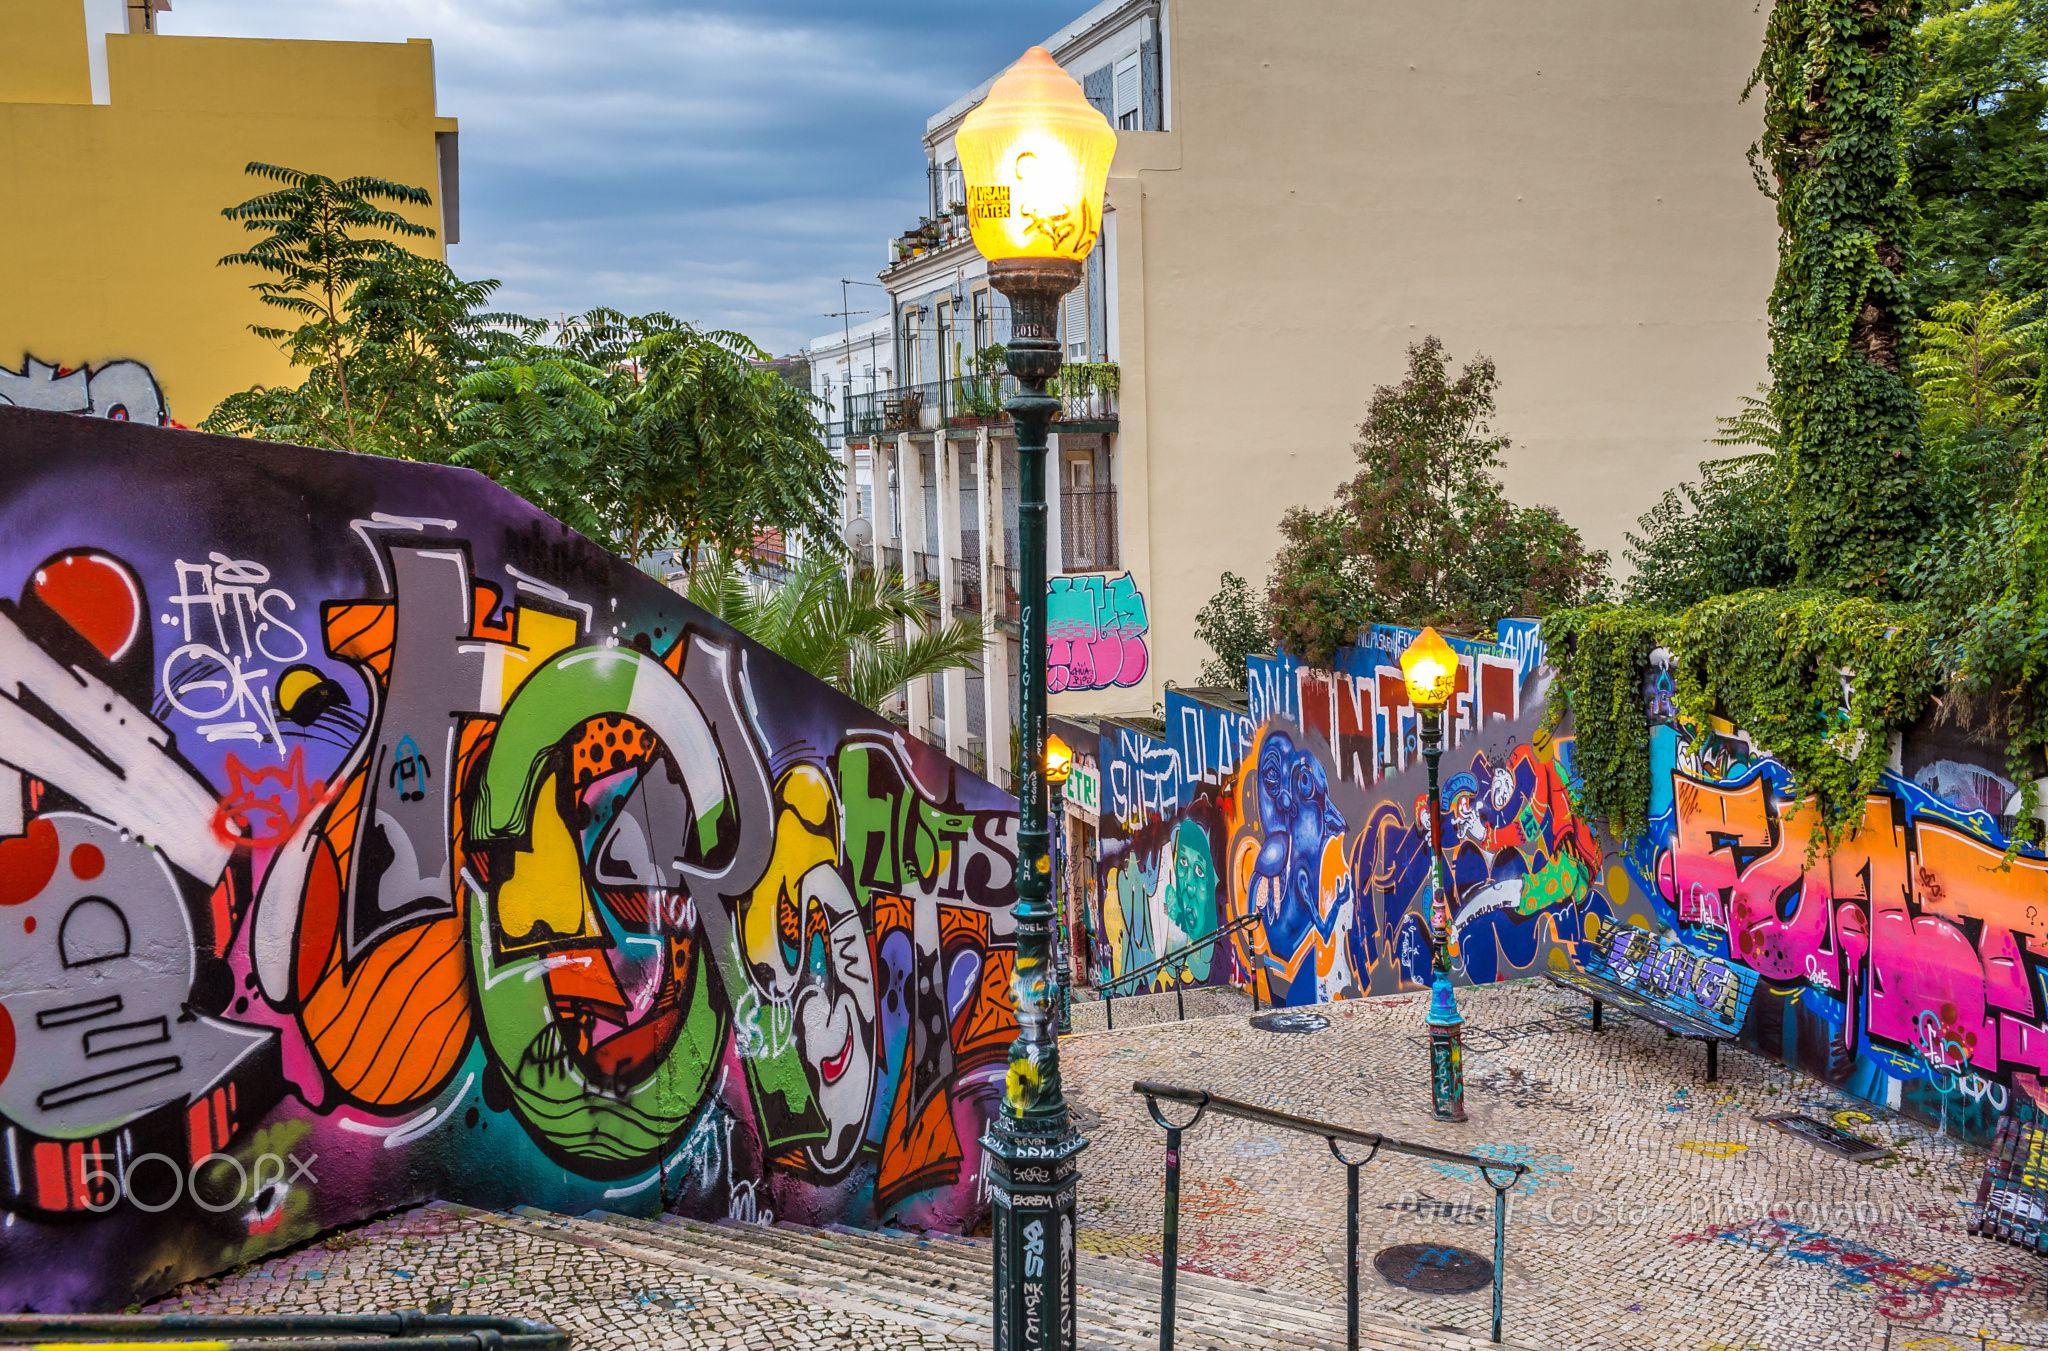 Lisbon graffiti graffiti walls on a street in lisbon is it art or vandalism